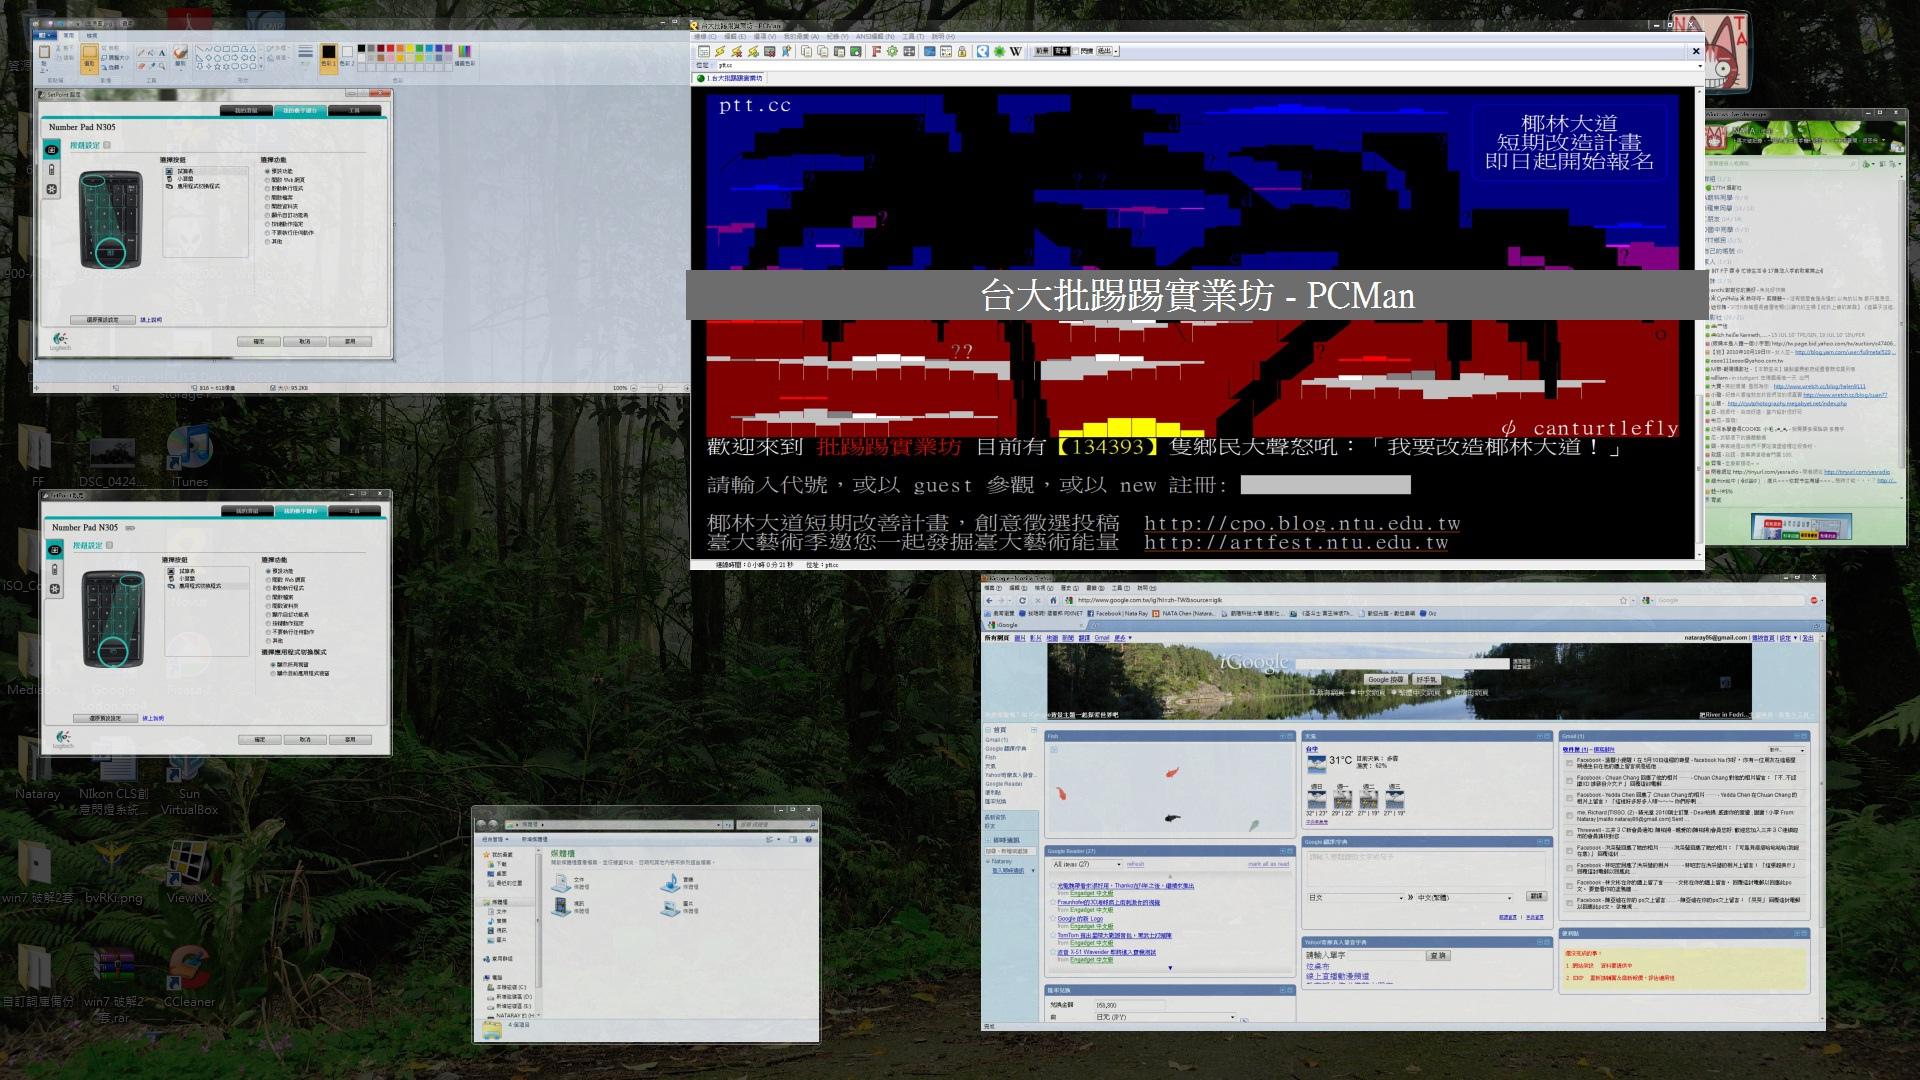 檢視所有視窗.jpg